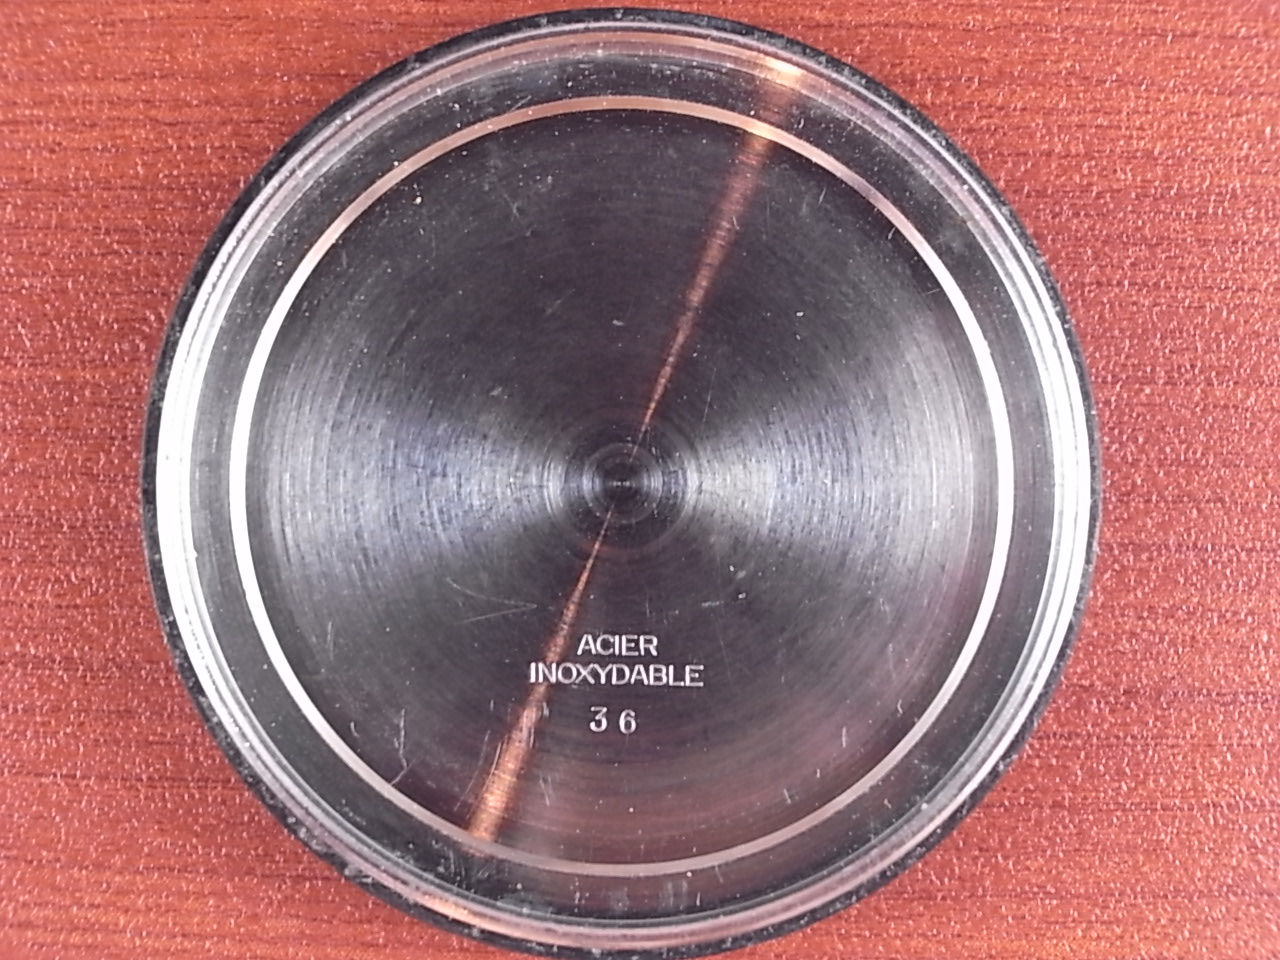 アウリコスト タイプ20 パイロットウォッチ フライバック クロノグラフ 1960年代の写真6枚目